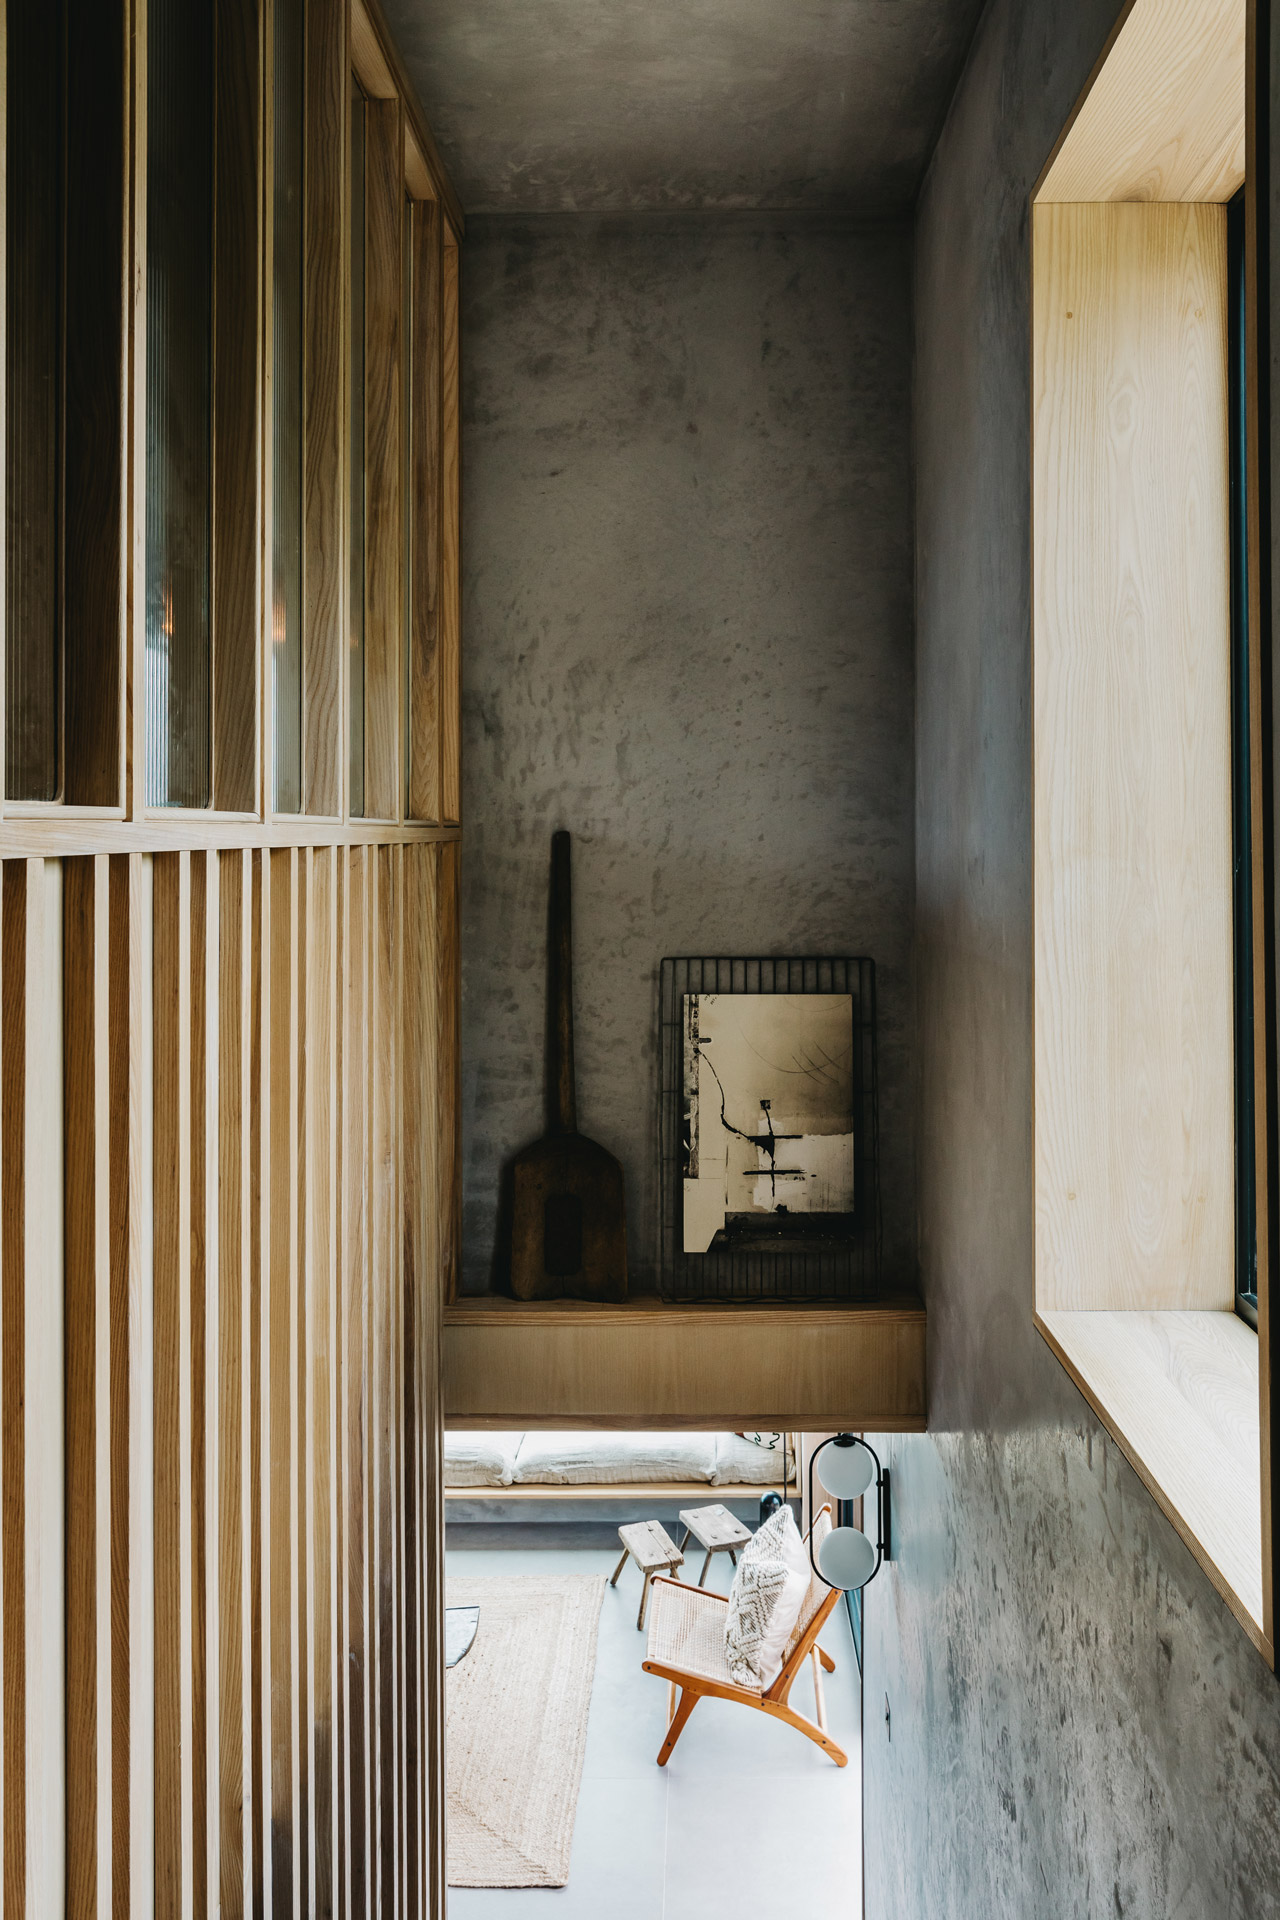 Ukiyo House Refurb panelling